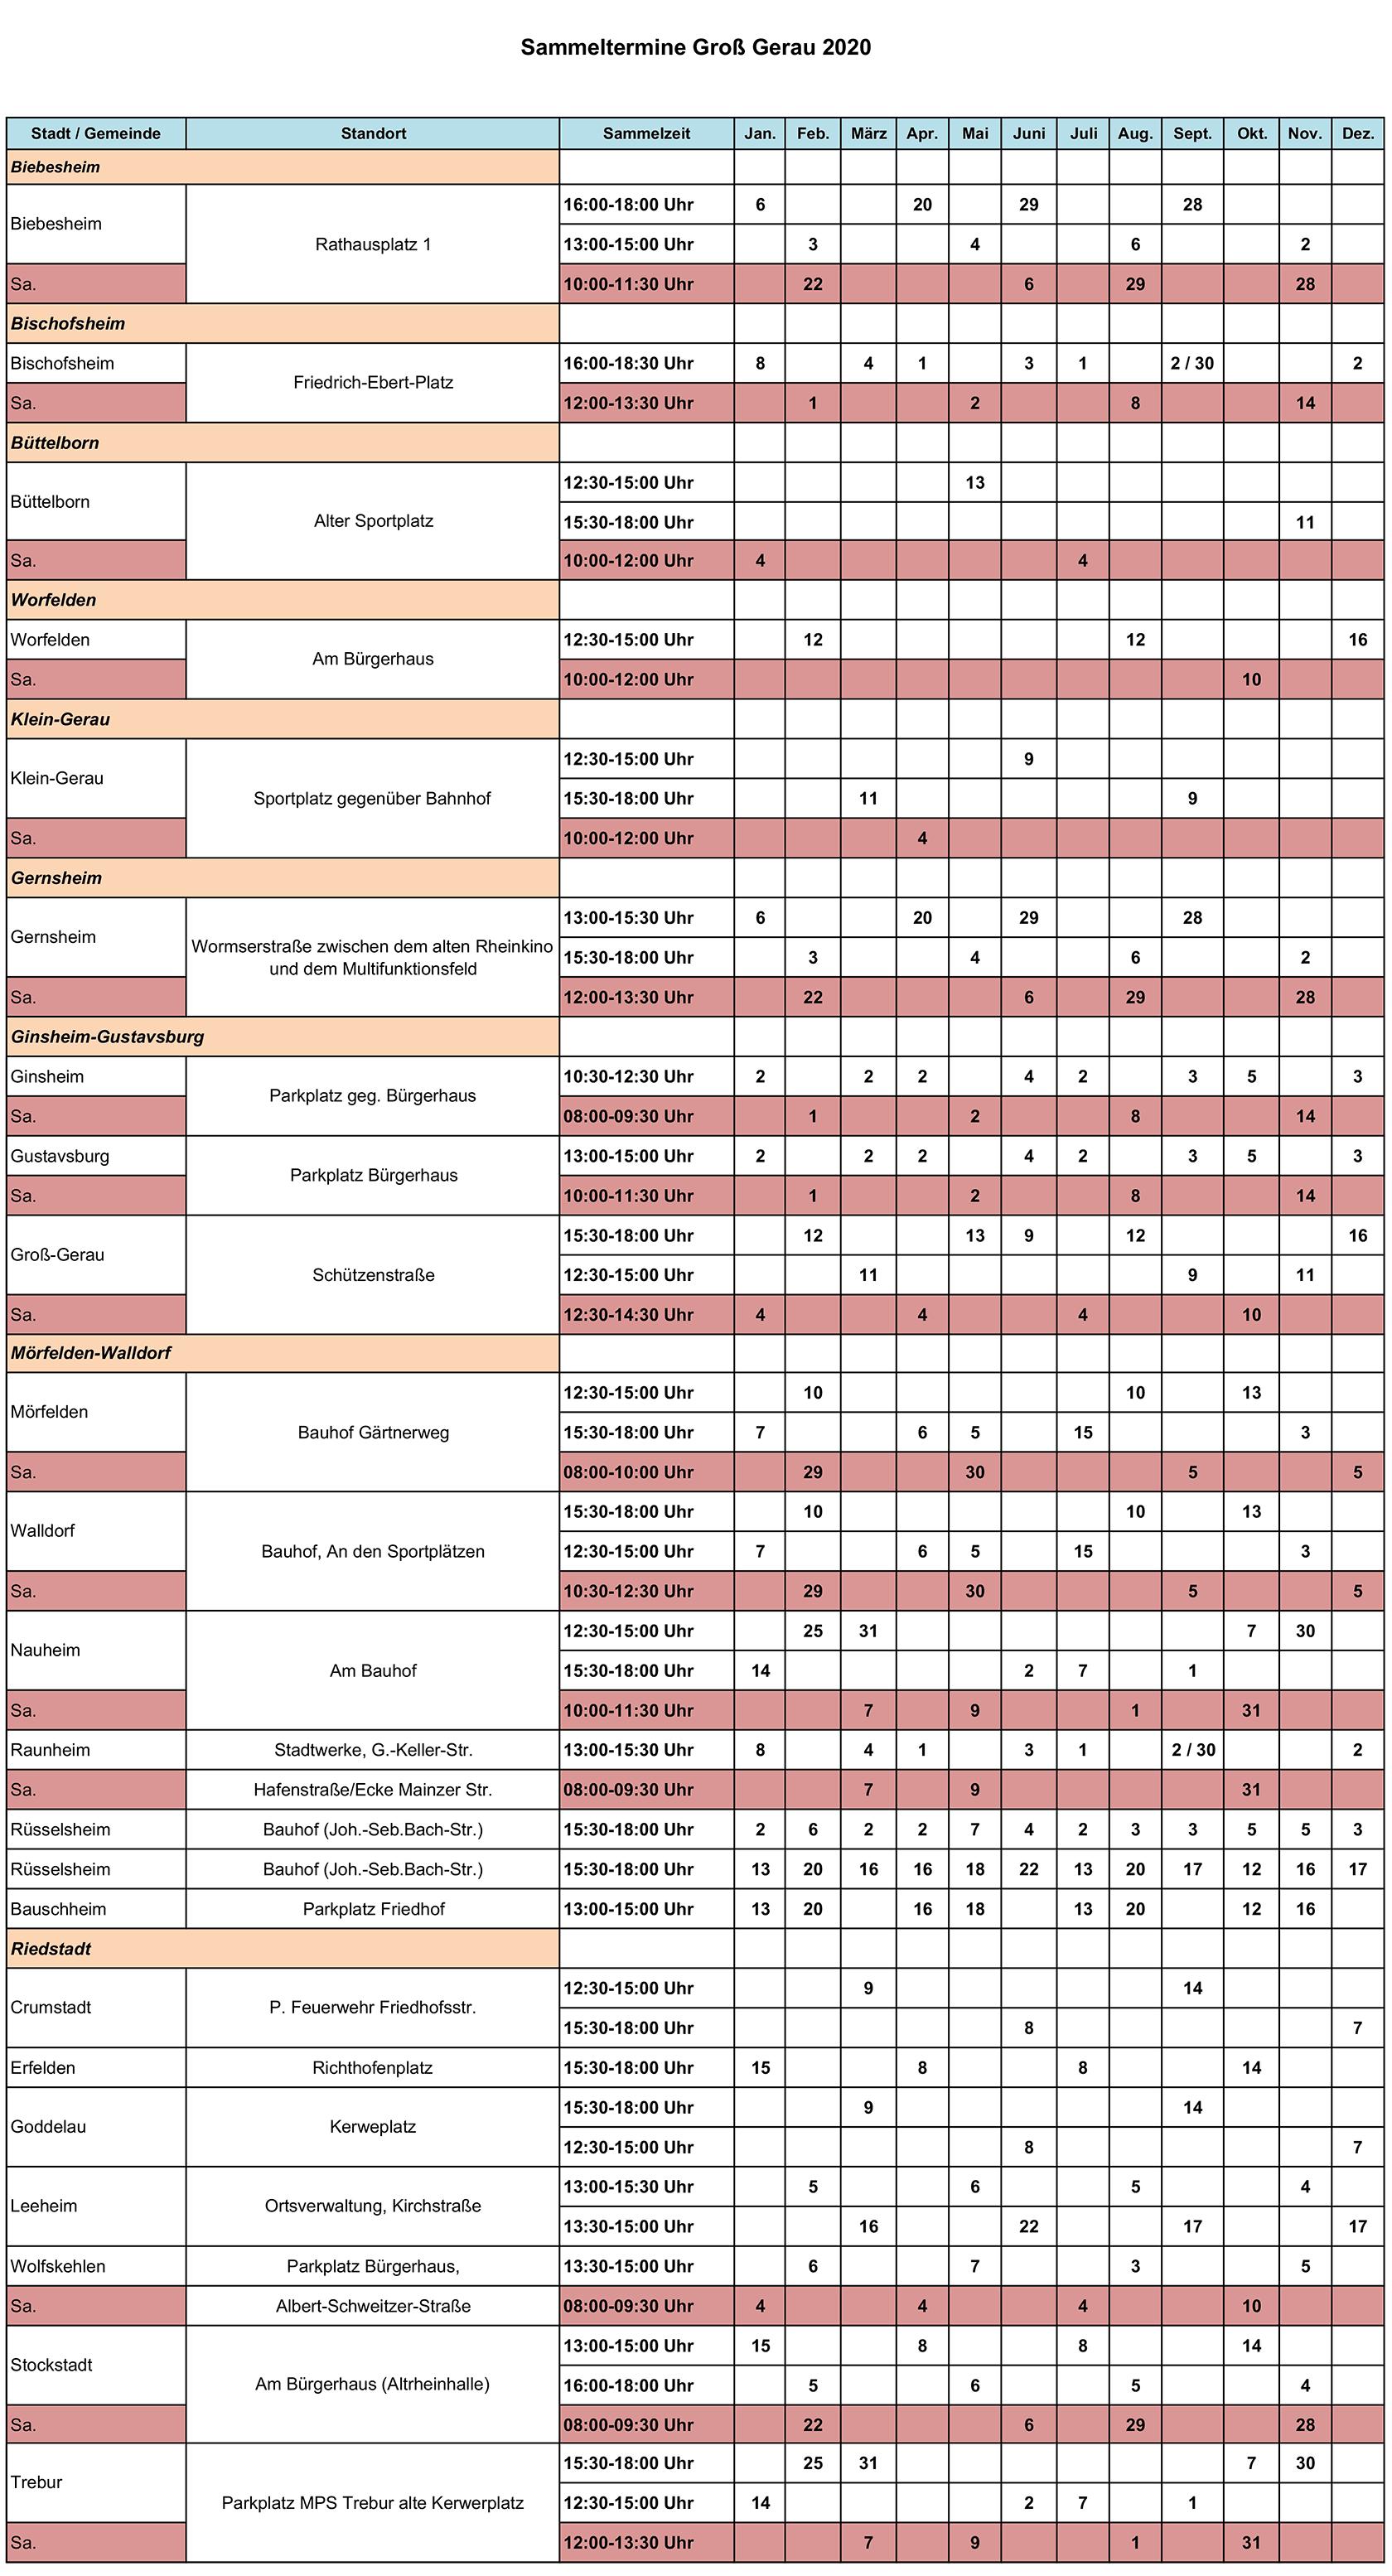 Schadstoffkalender 2020